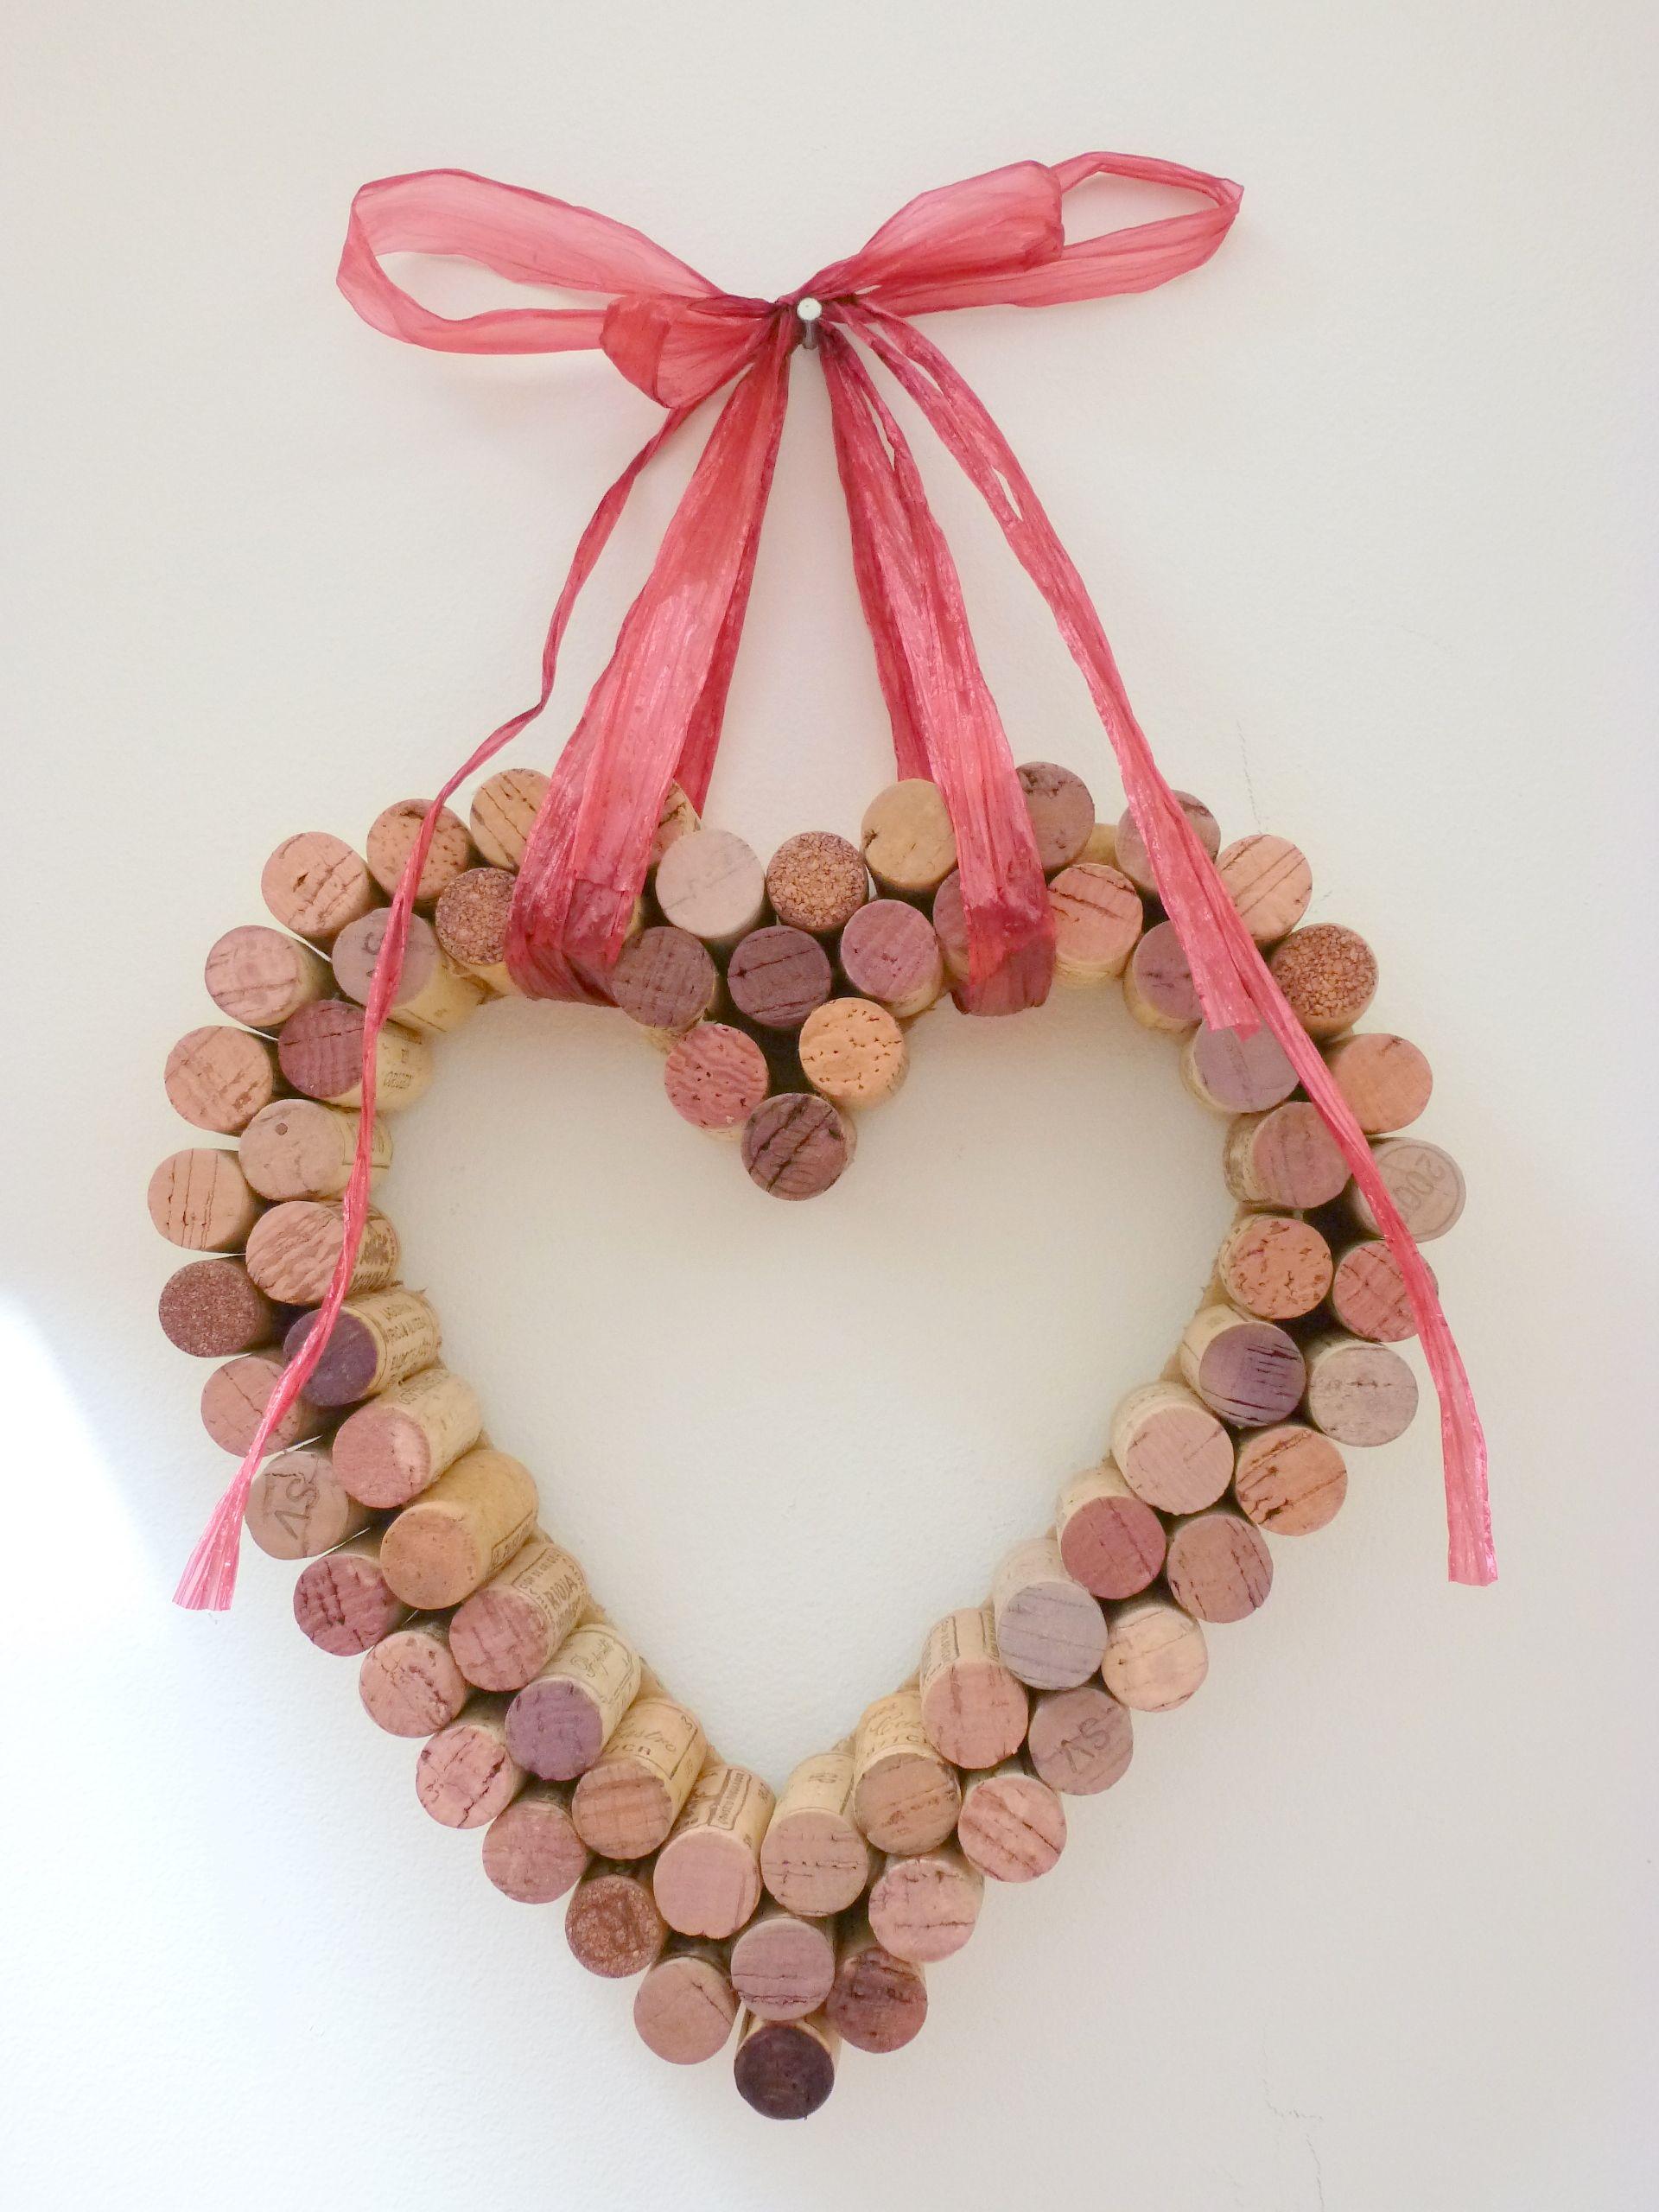 Bricolage d coratif pour la saint valentin coeur en bouchons de vin id es pour la saint - Coeur avec des photos ...